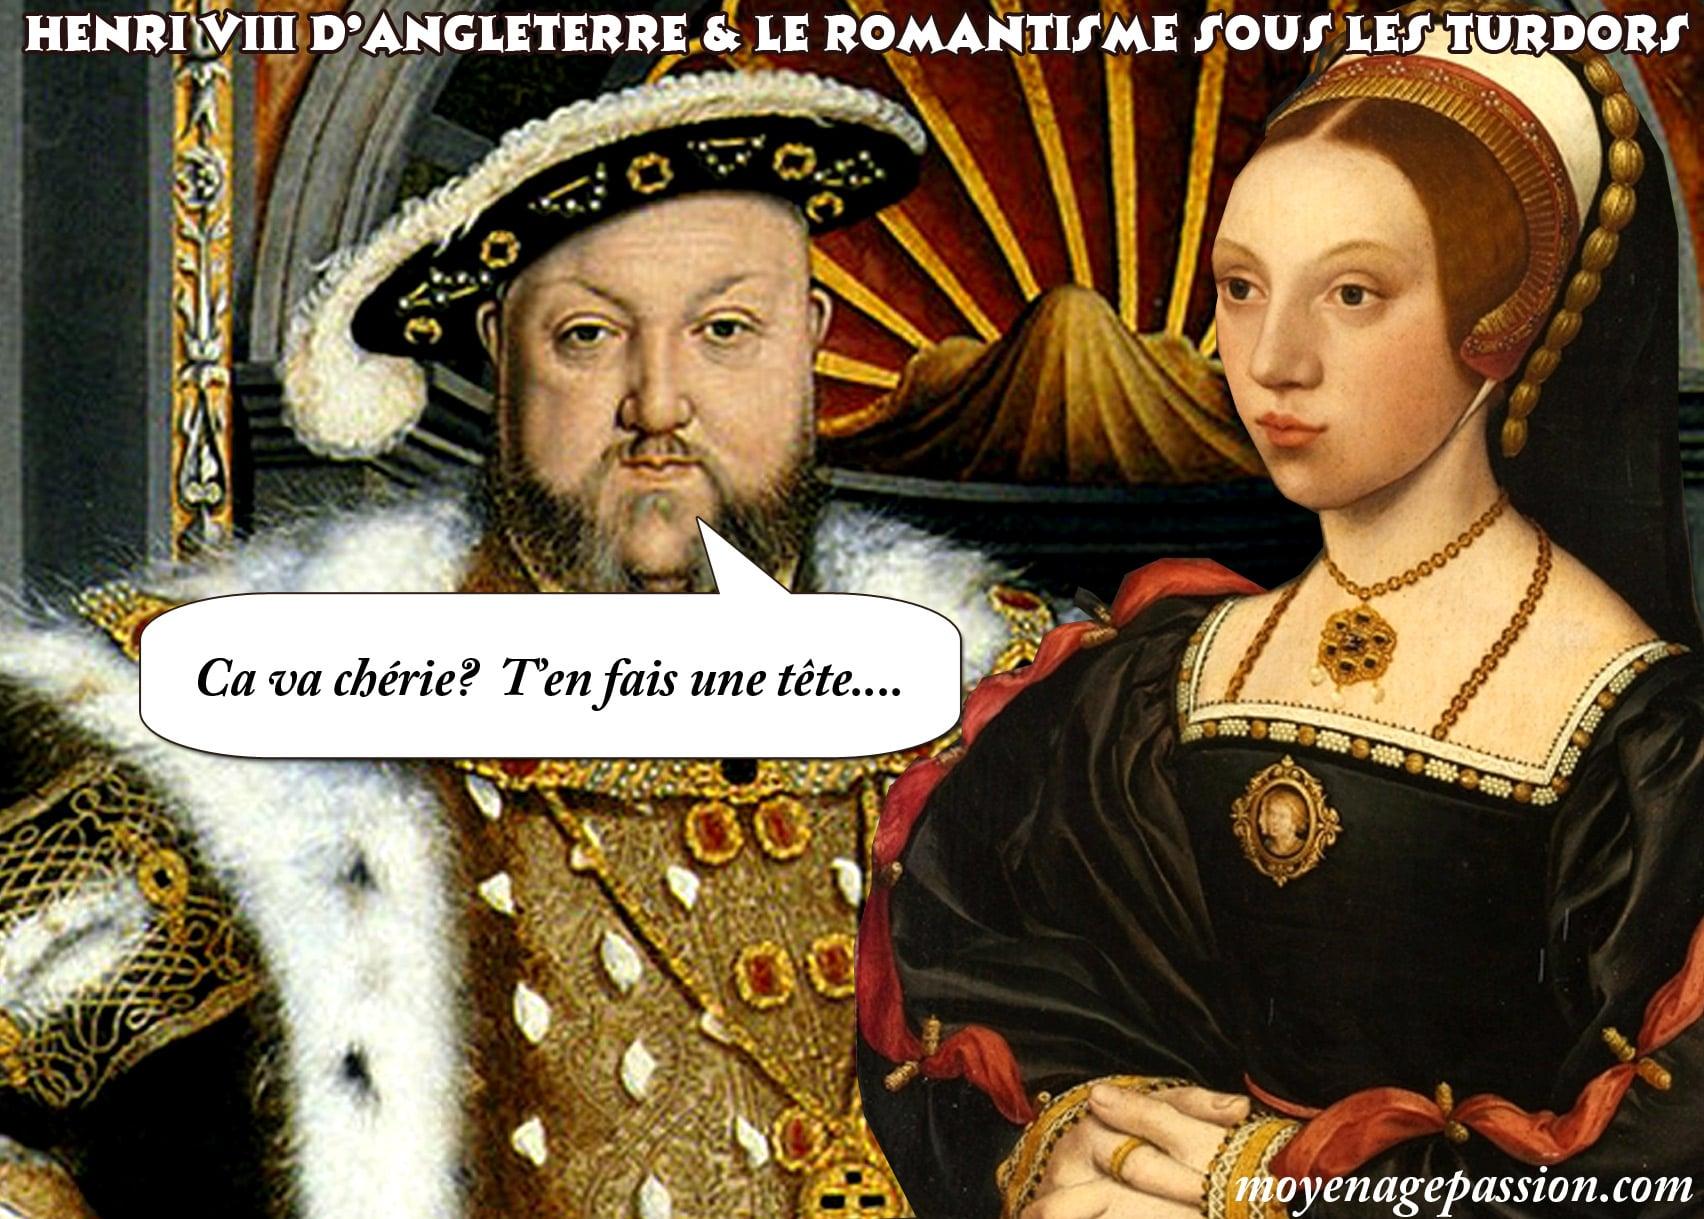 humour_medieval_joke_humour_noir_blague_historique_henri_VIII_barbe_bleue_tudor_catherine_howard_renaissance